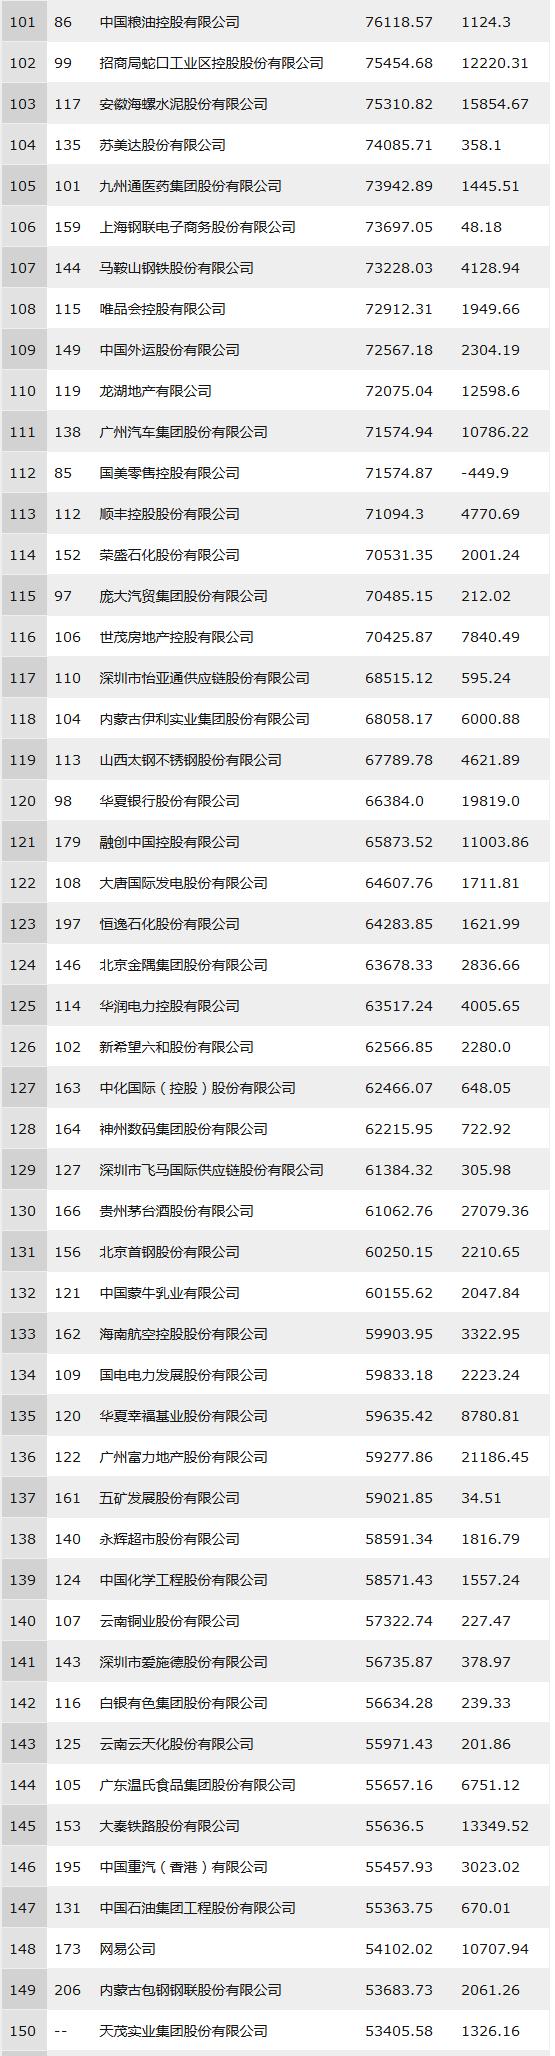 2018年中国500强排行榜(全部榜单)101-150